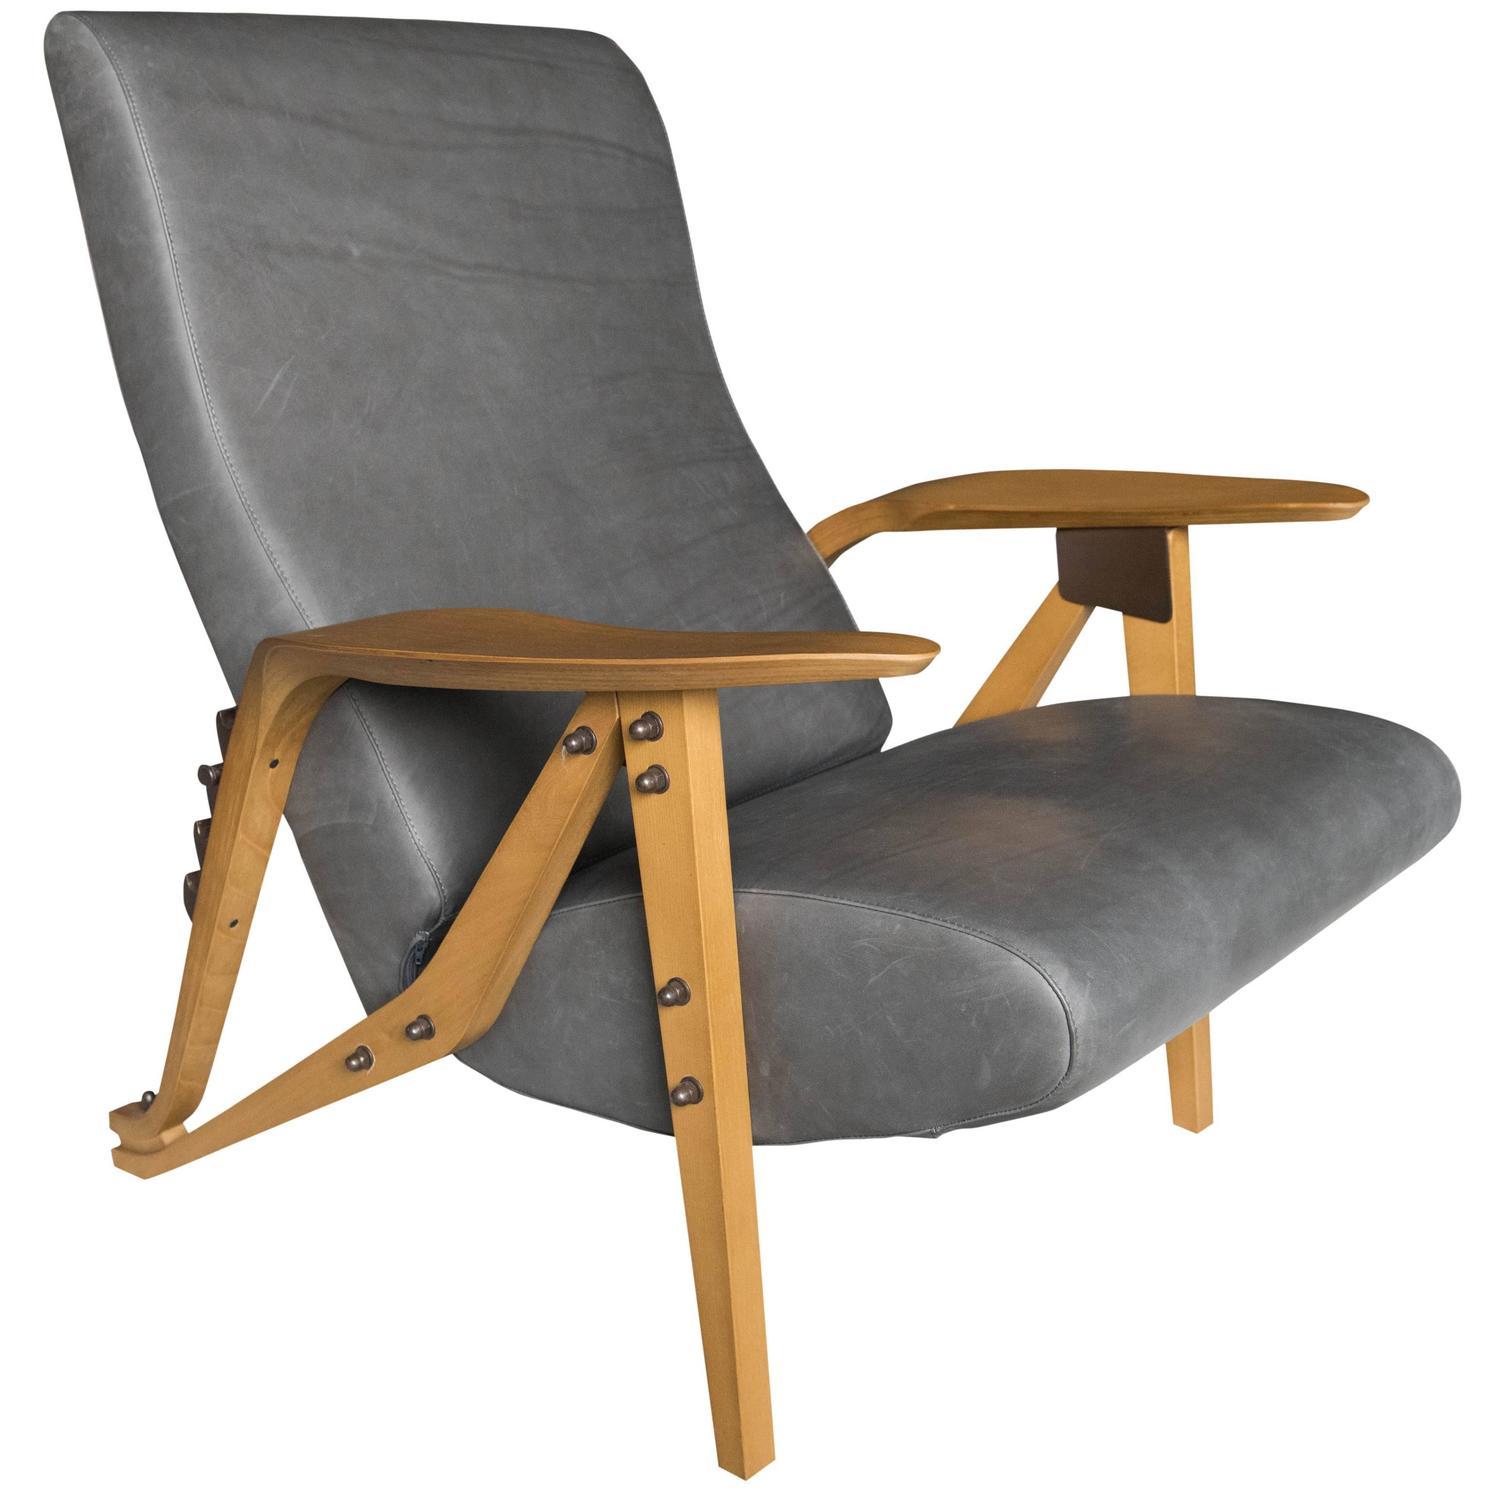 Zanotta gilda armchair for sale at 1stdibs for Poltrone zanotta